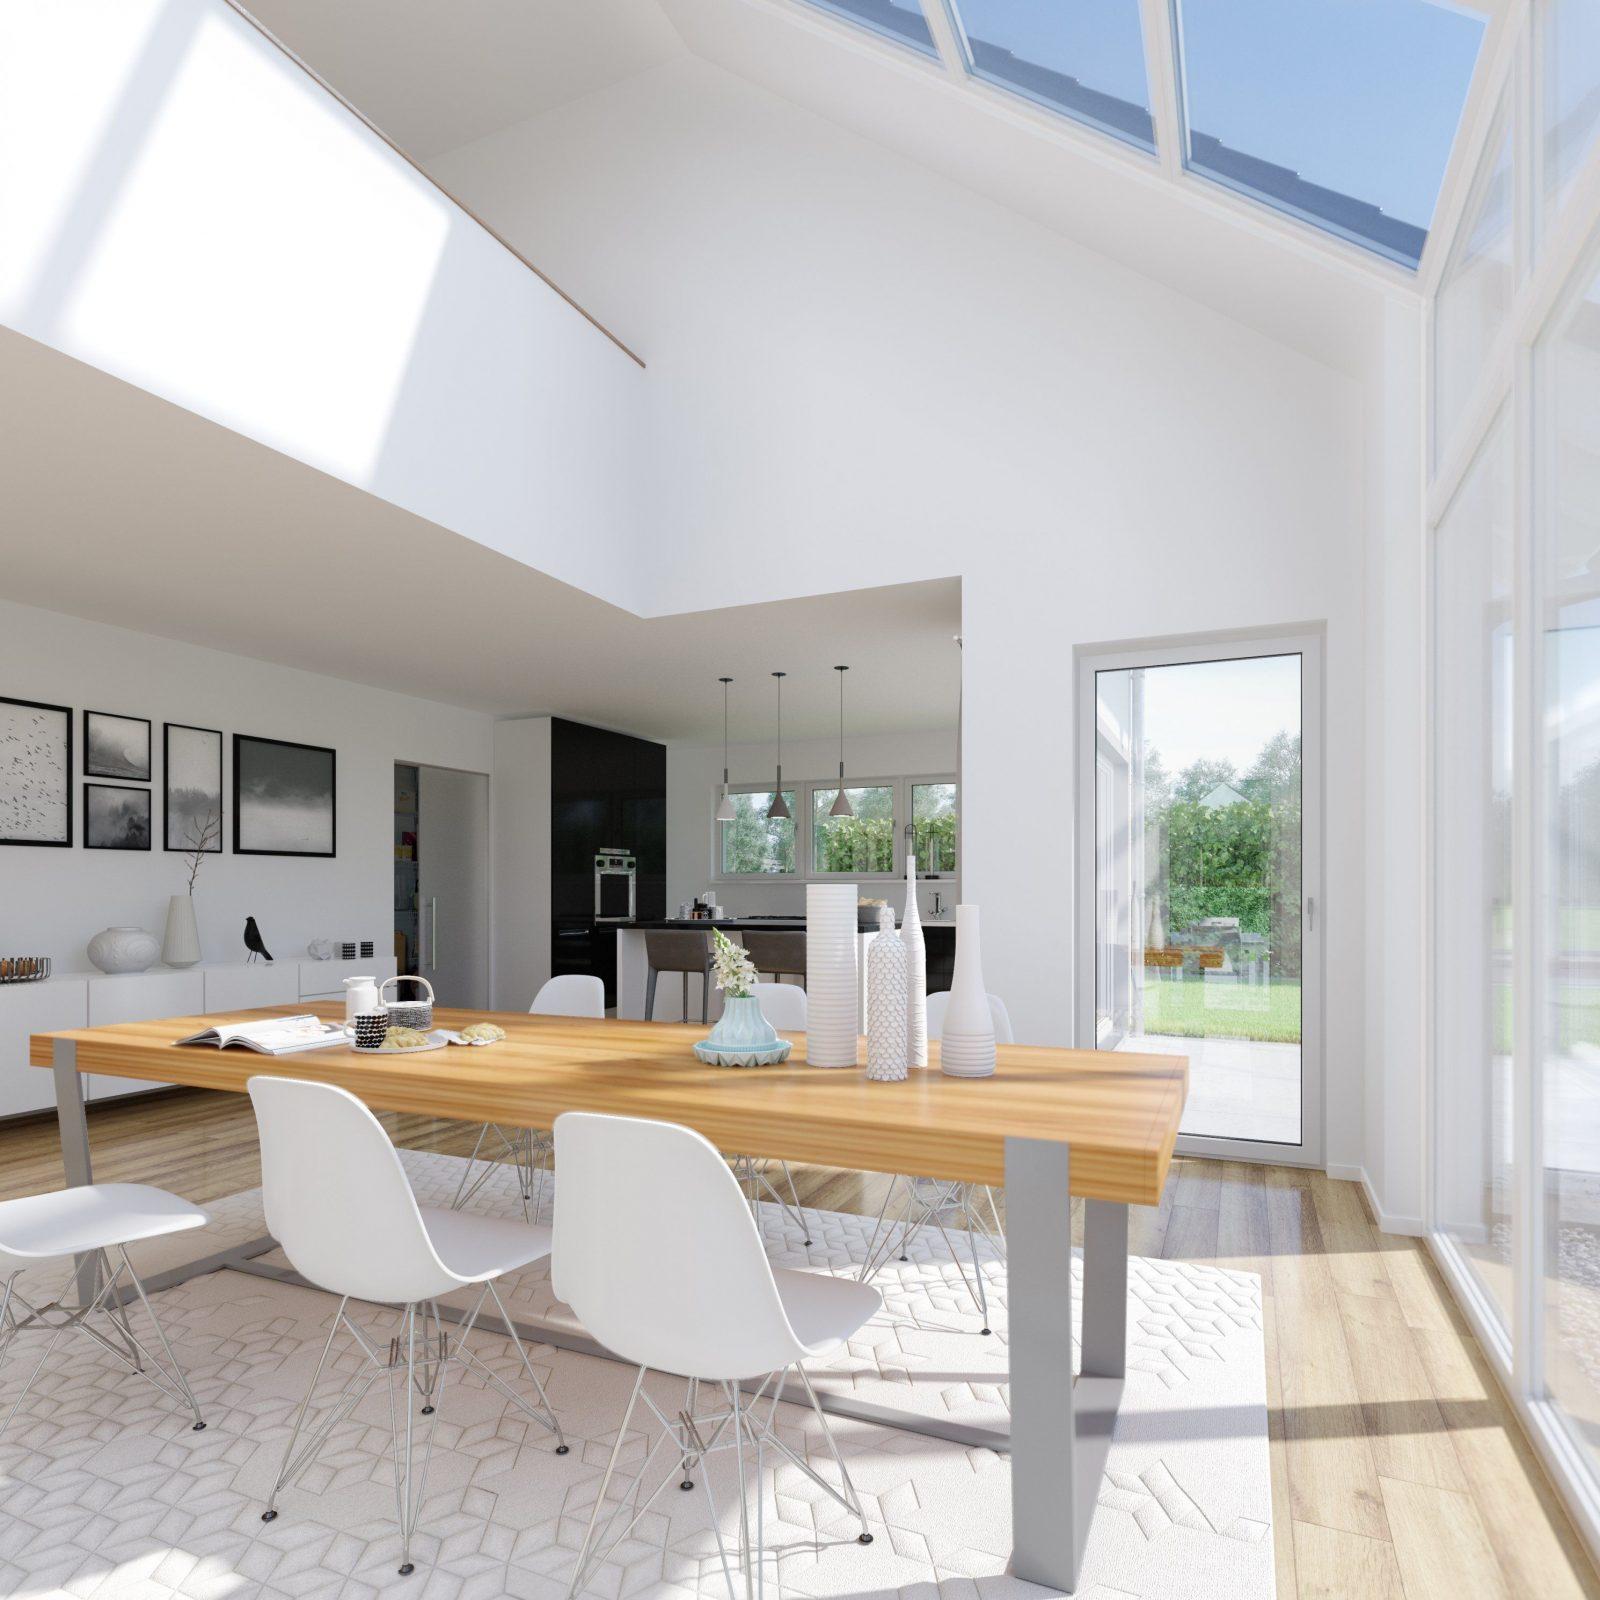 Haus Mit Galerie Im Wohnzimmer – Interior Design Ideen Architektur von Haus Mit Offener Galerie Bild